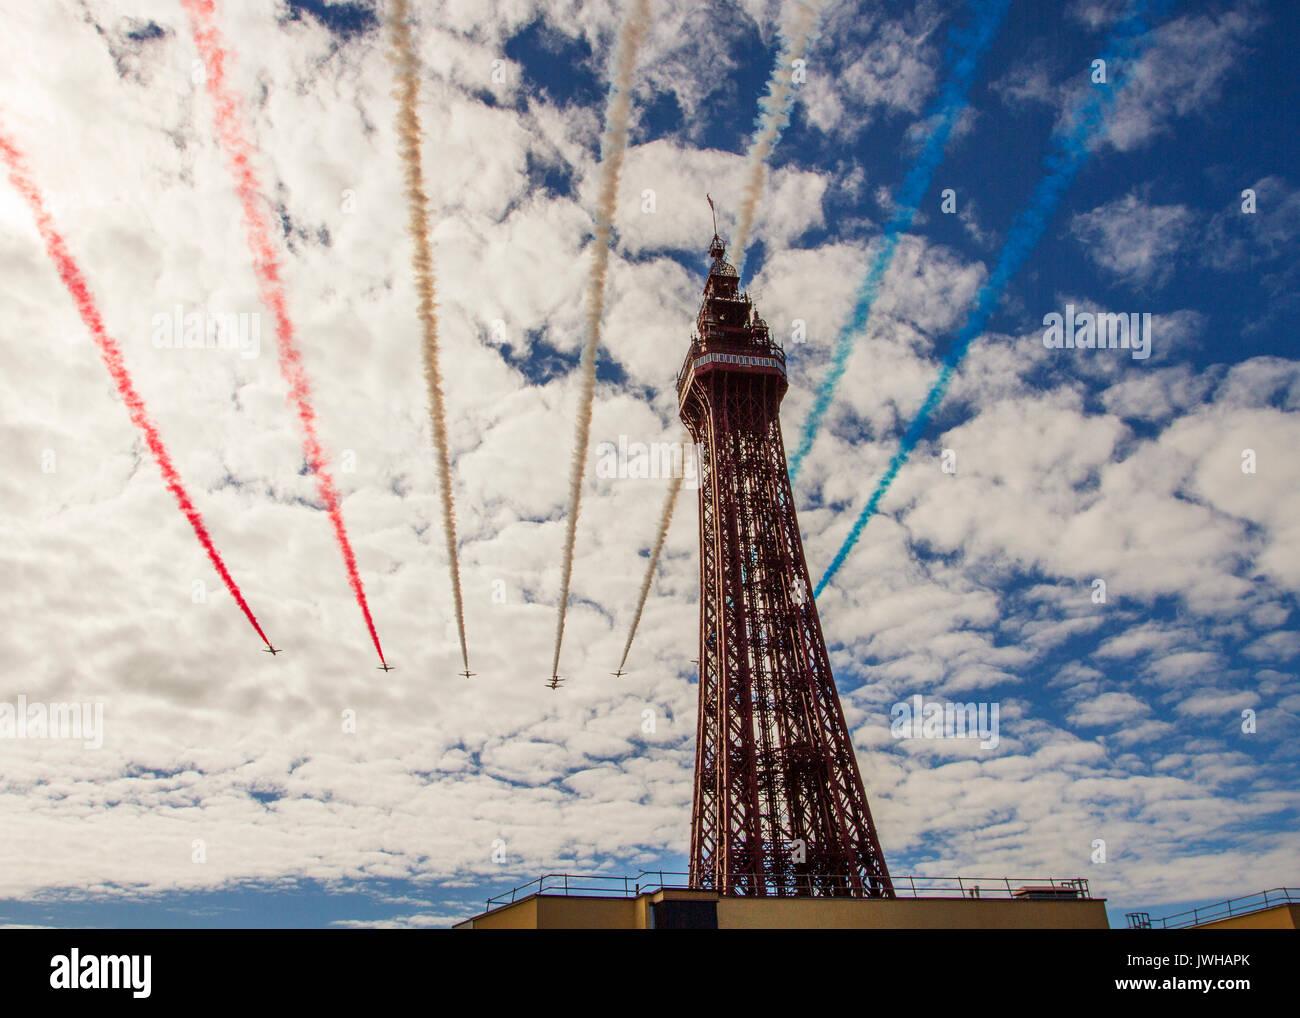 Blackpool, Lancashire, Royaume-Uni. 12Th Aug 2017. Les flèches rouges à Blackpool Air Show. /AlamyLiveNews MediaWorldImages crédit; Banque D'Images